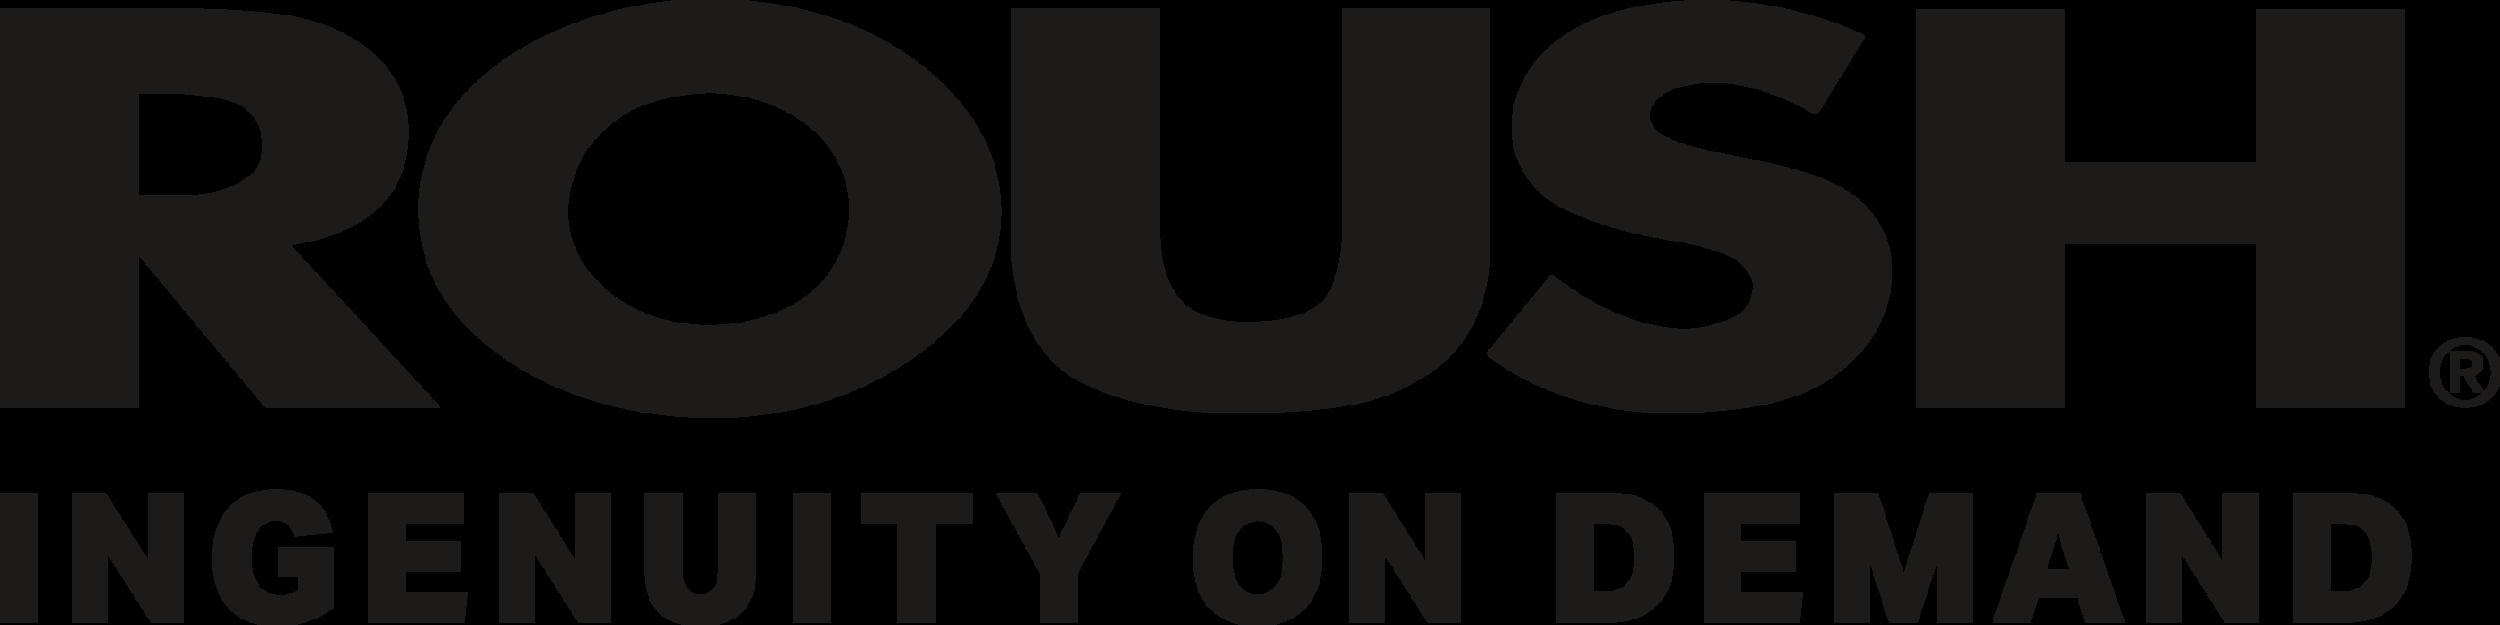 Roush-logo-tag.png